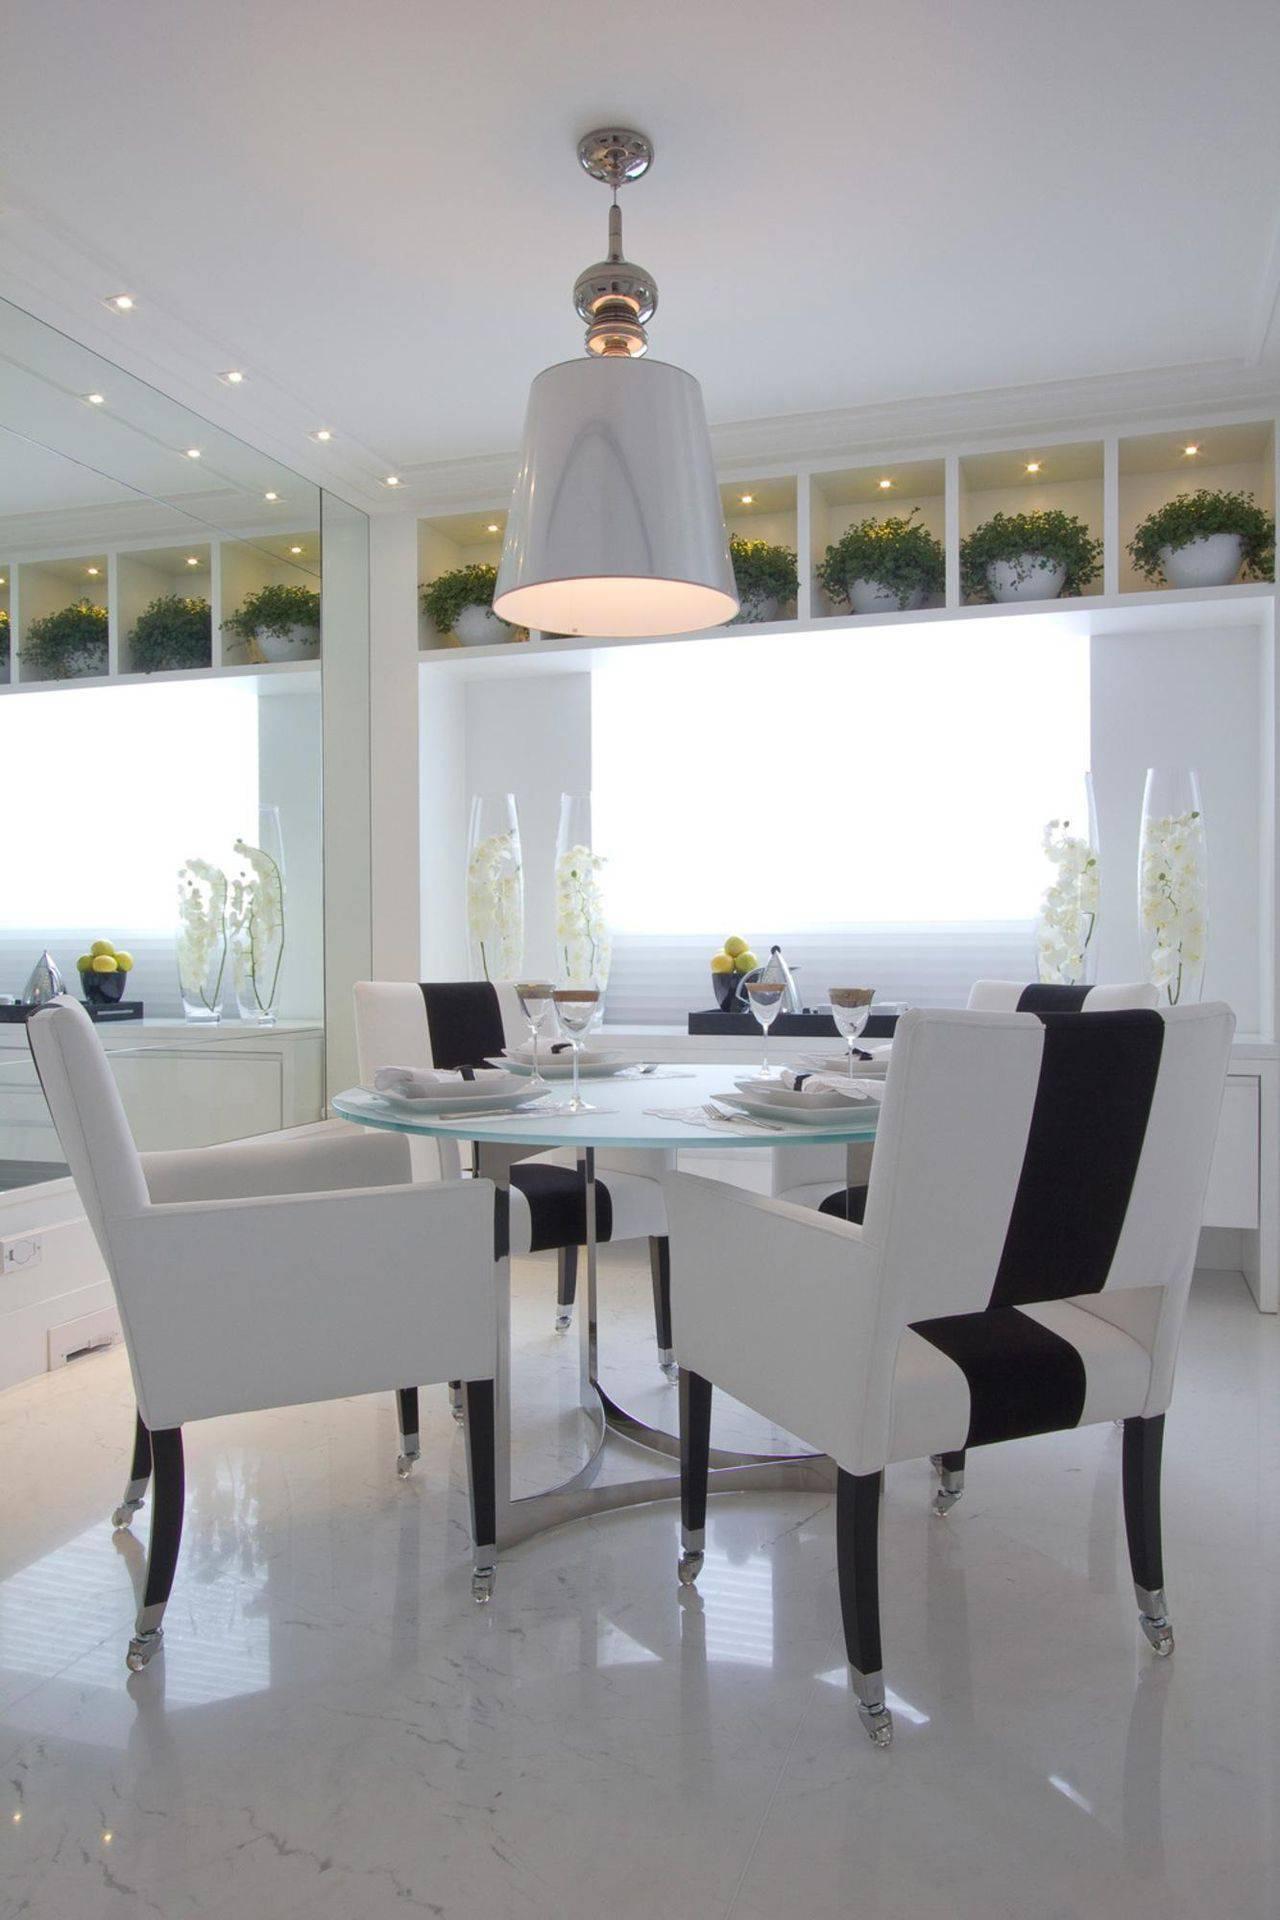 mesa de jantar christina hamoui 8432